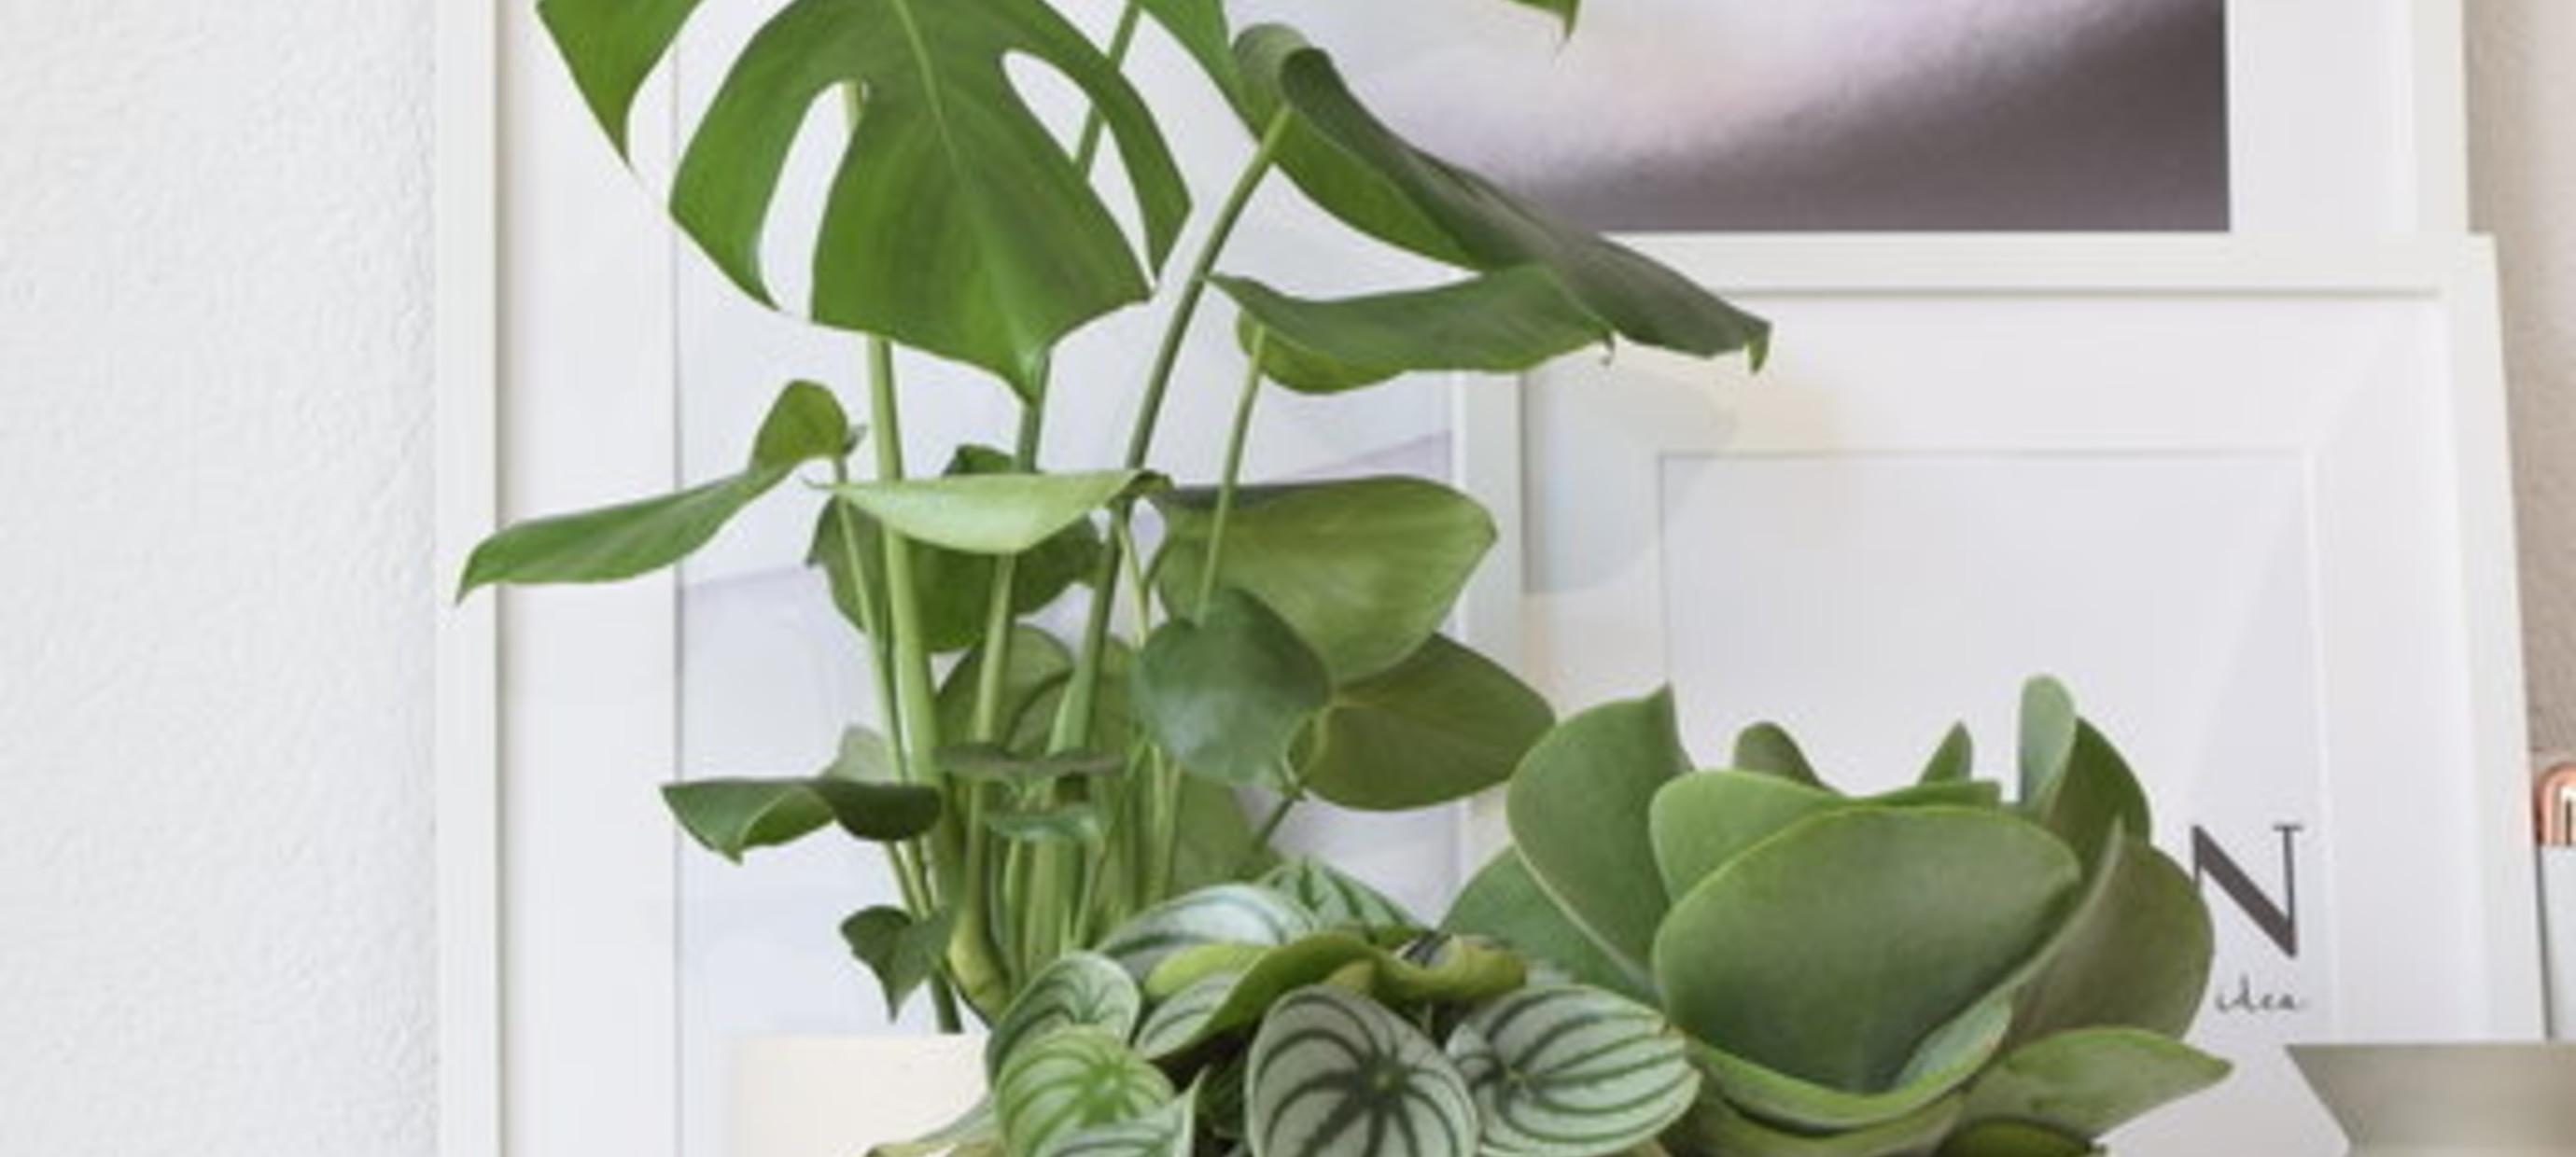 Hoe stek ik mijn Monstera kamerplant?